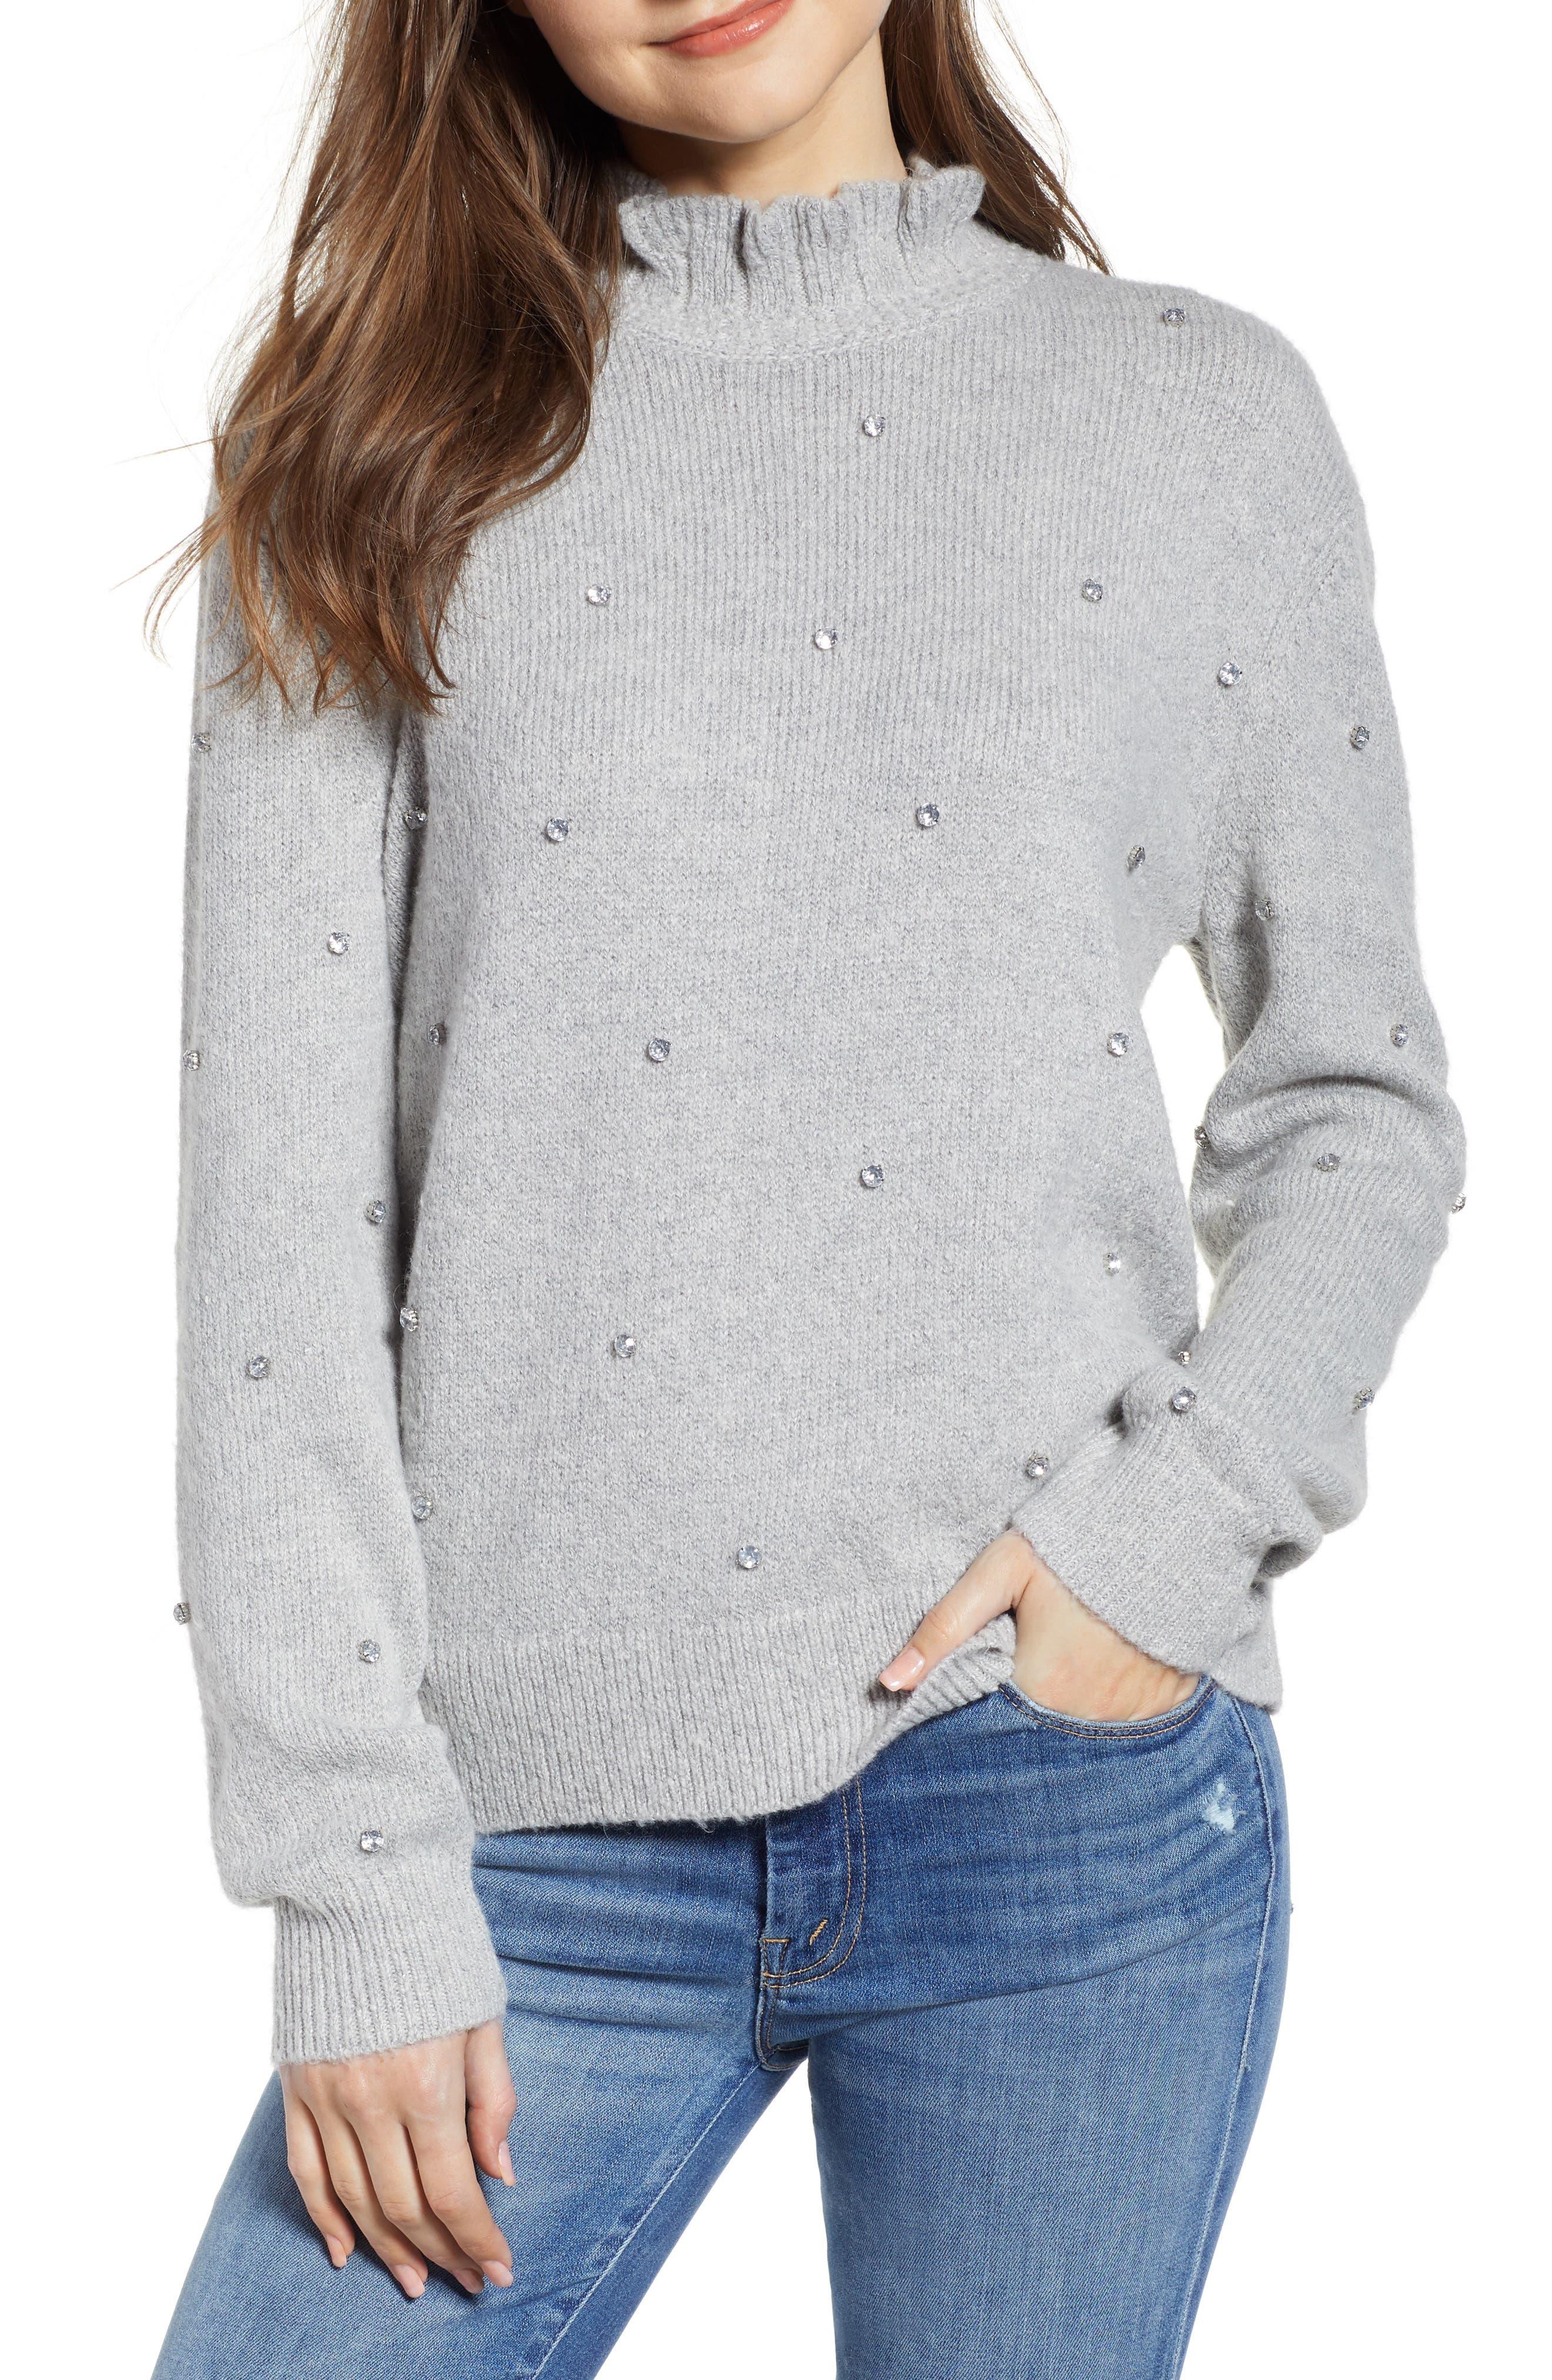 Hinge Embellished Ruffle Neck Sweater, Grey